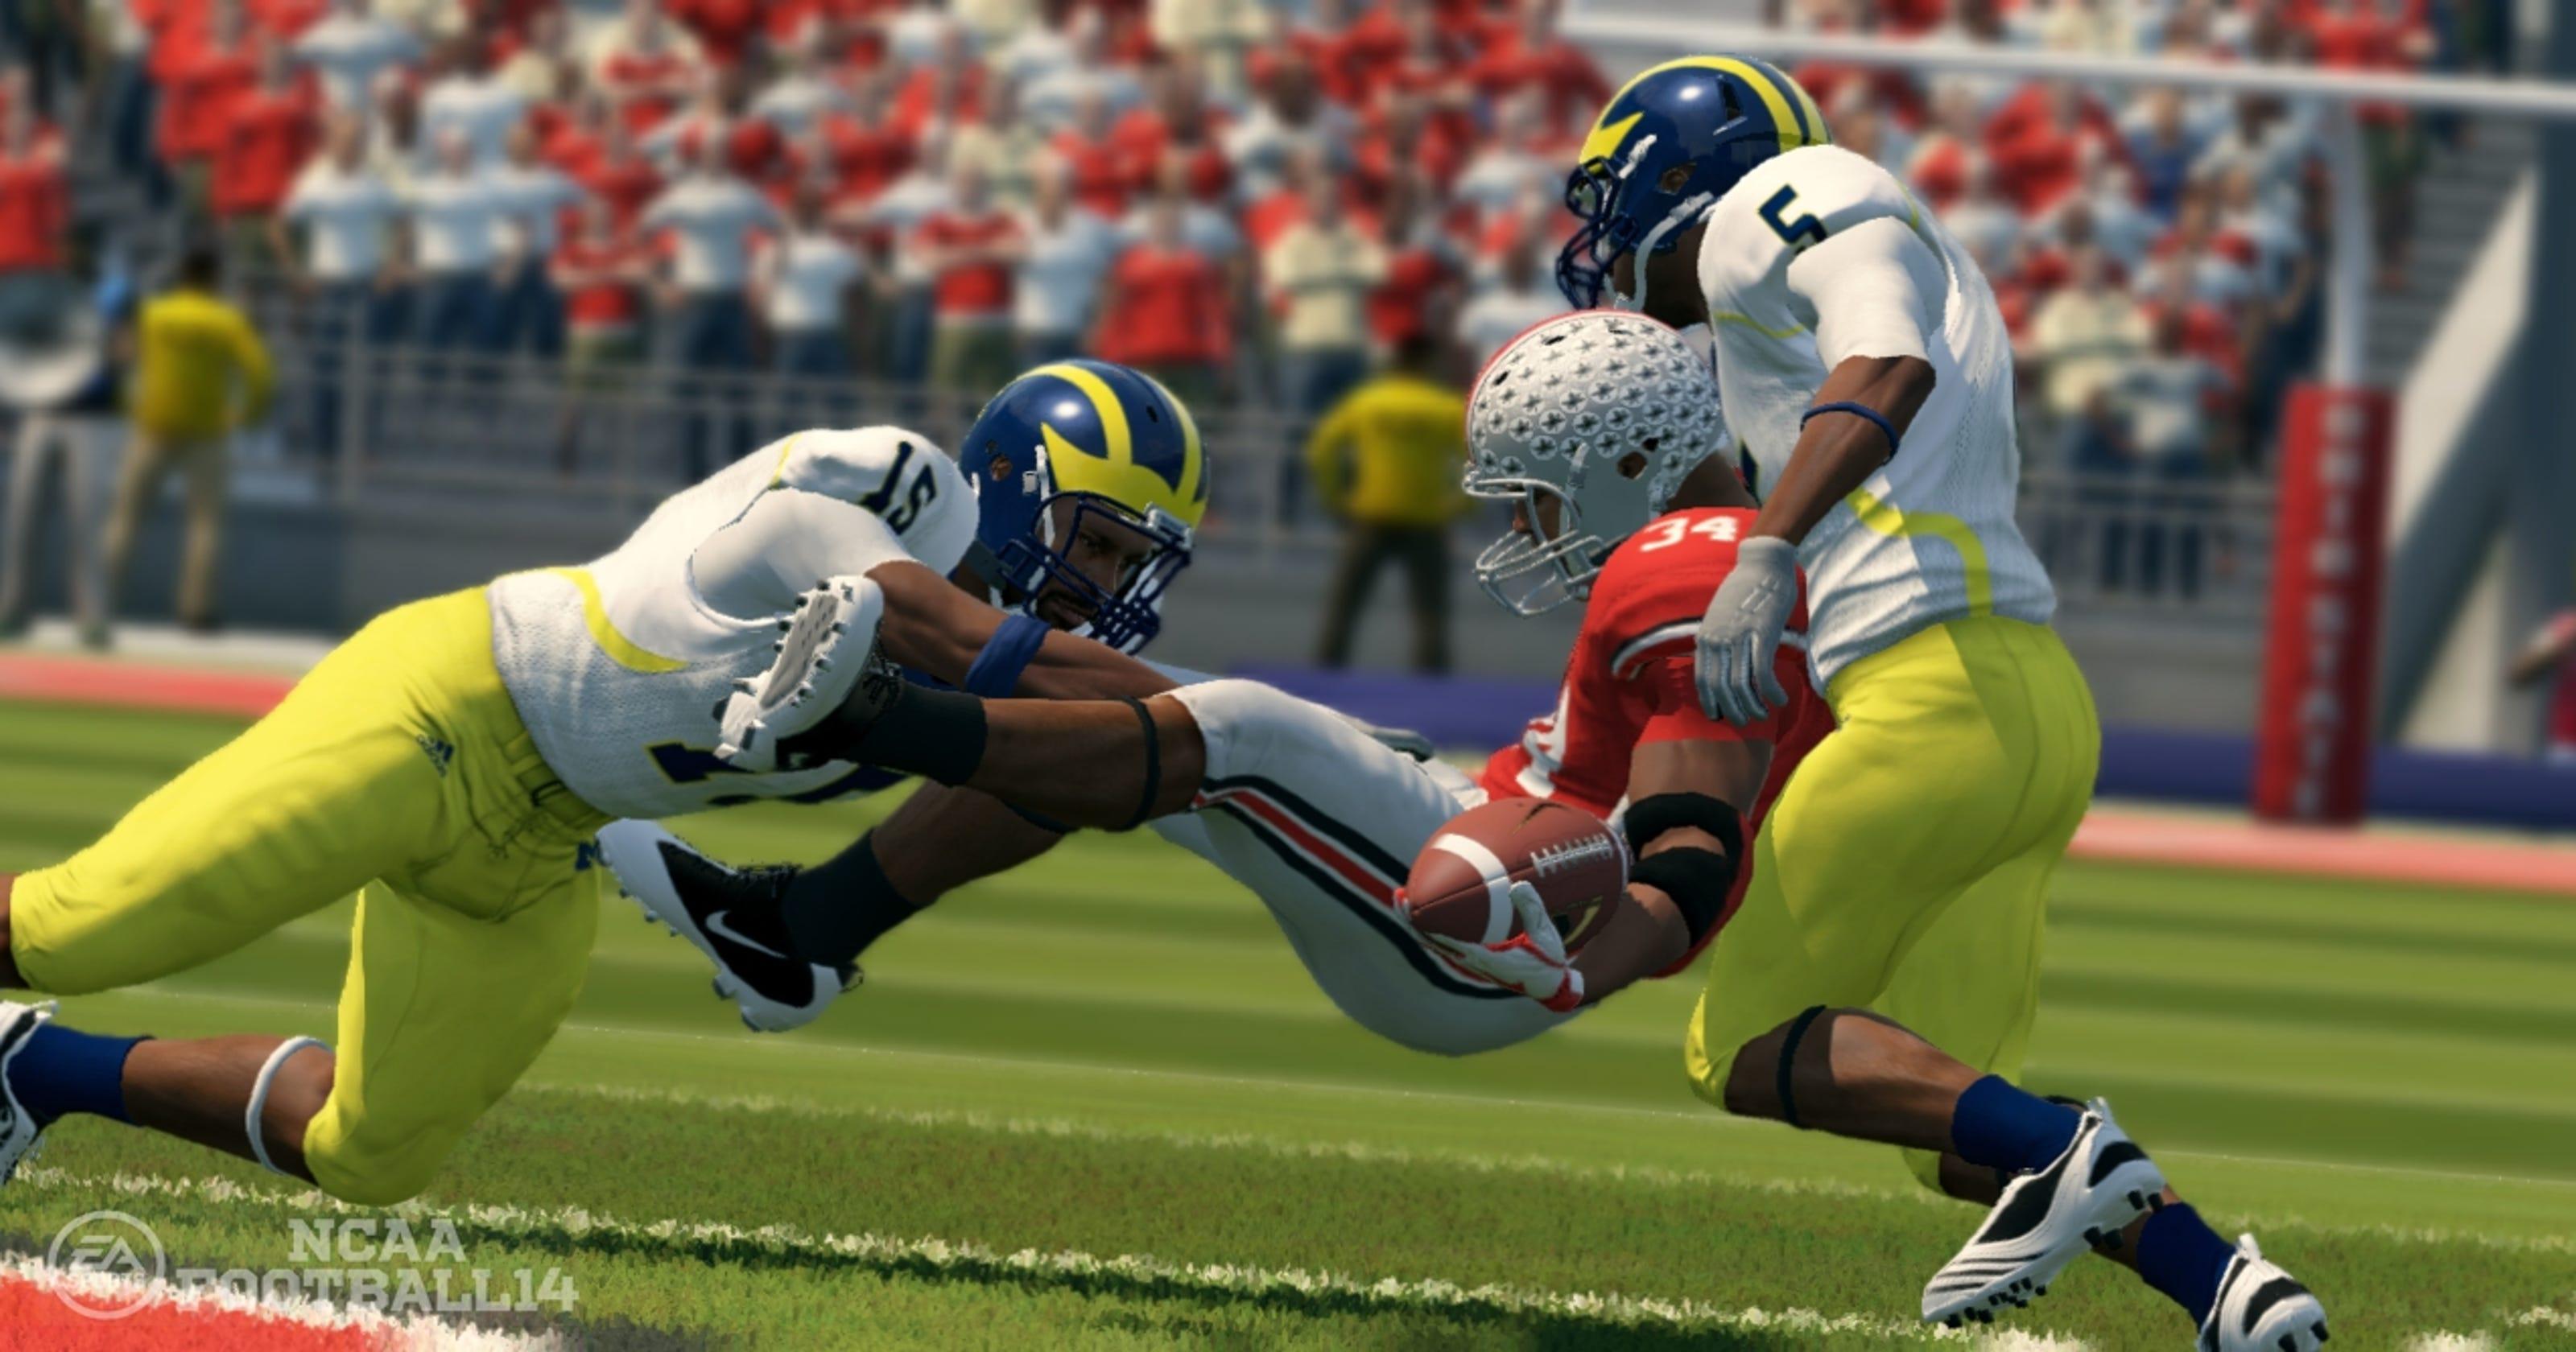 'NCAA Football 14' tackles July video game sales mark